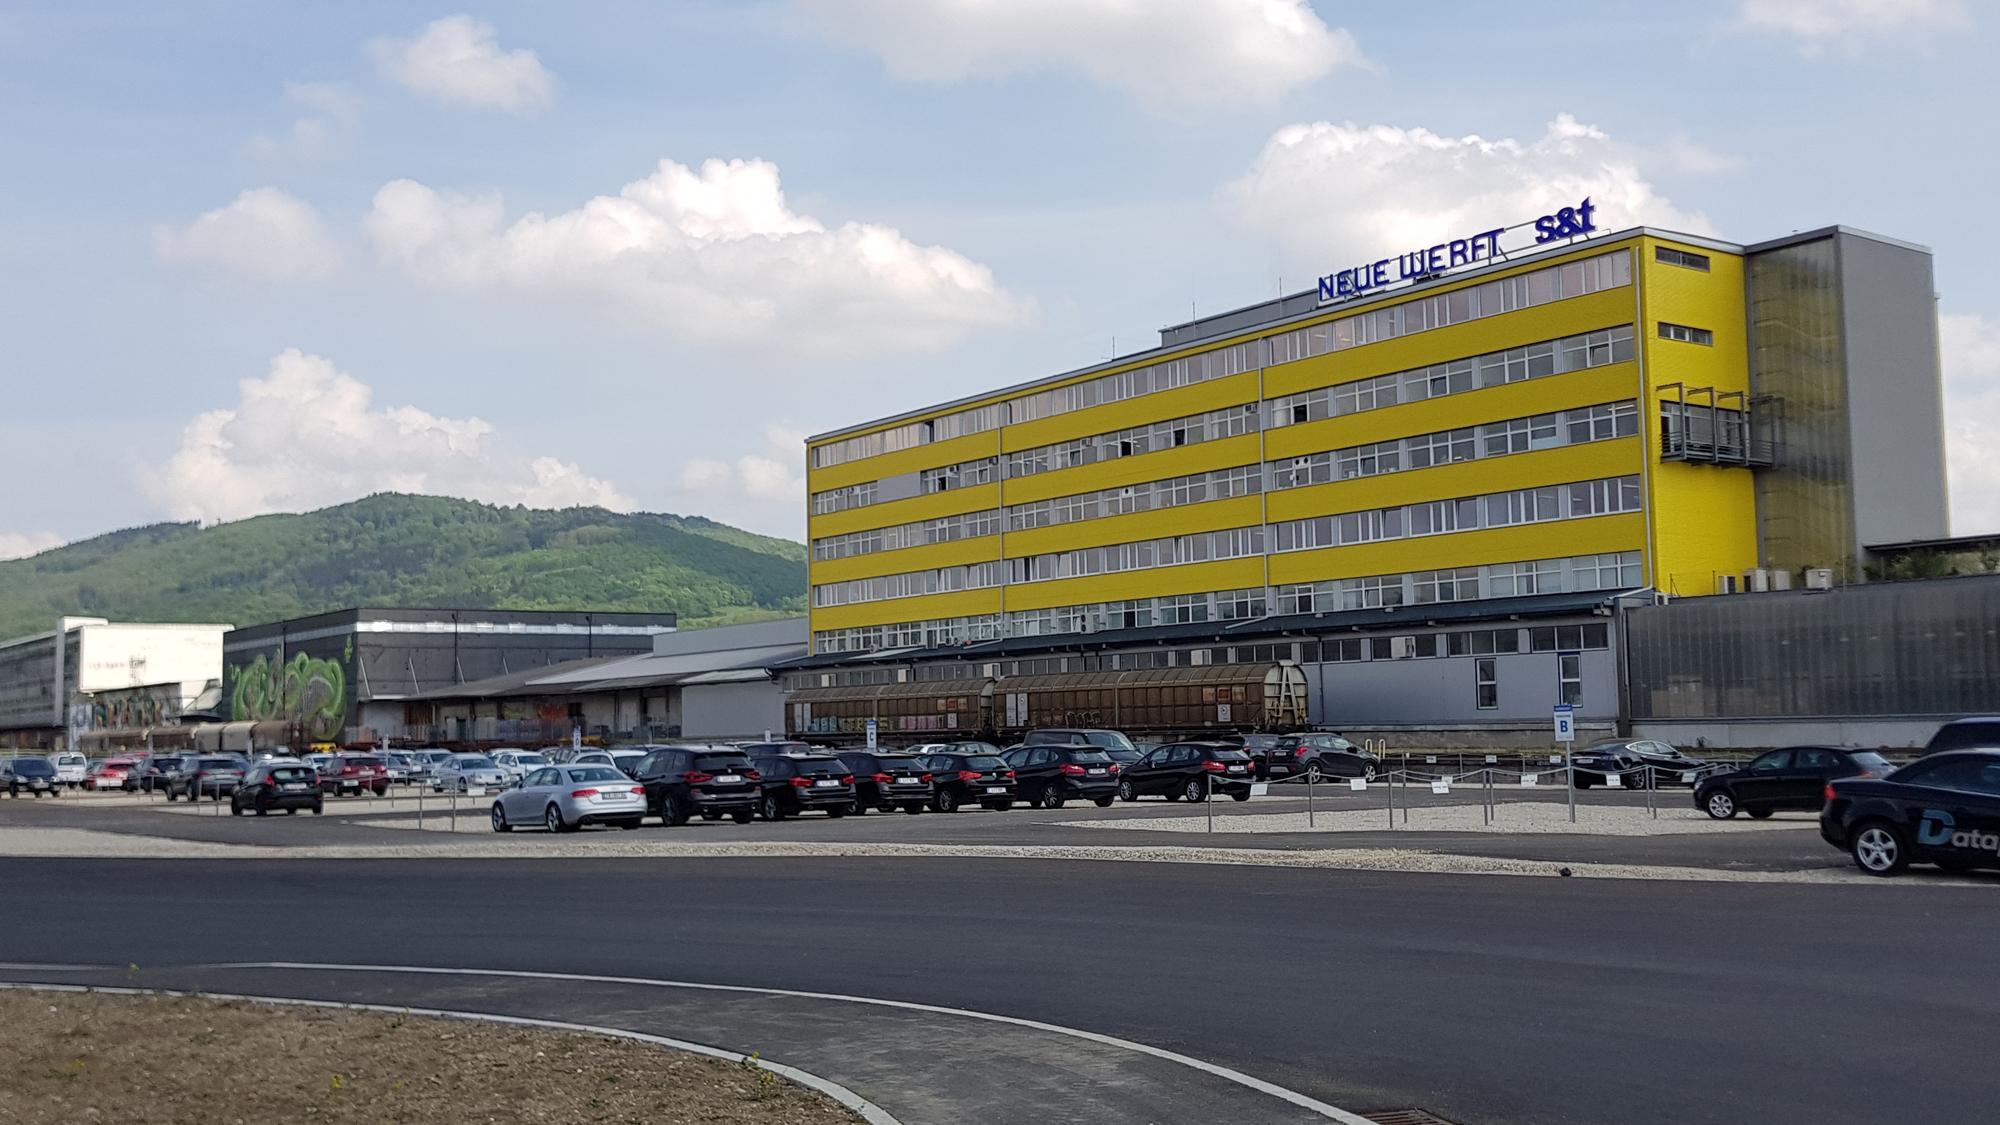 Die Neue Werft am Winterhafen in Linz. © Trending Topics